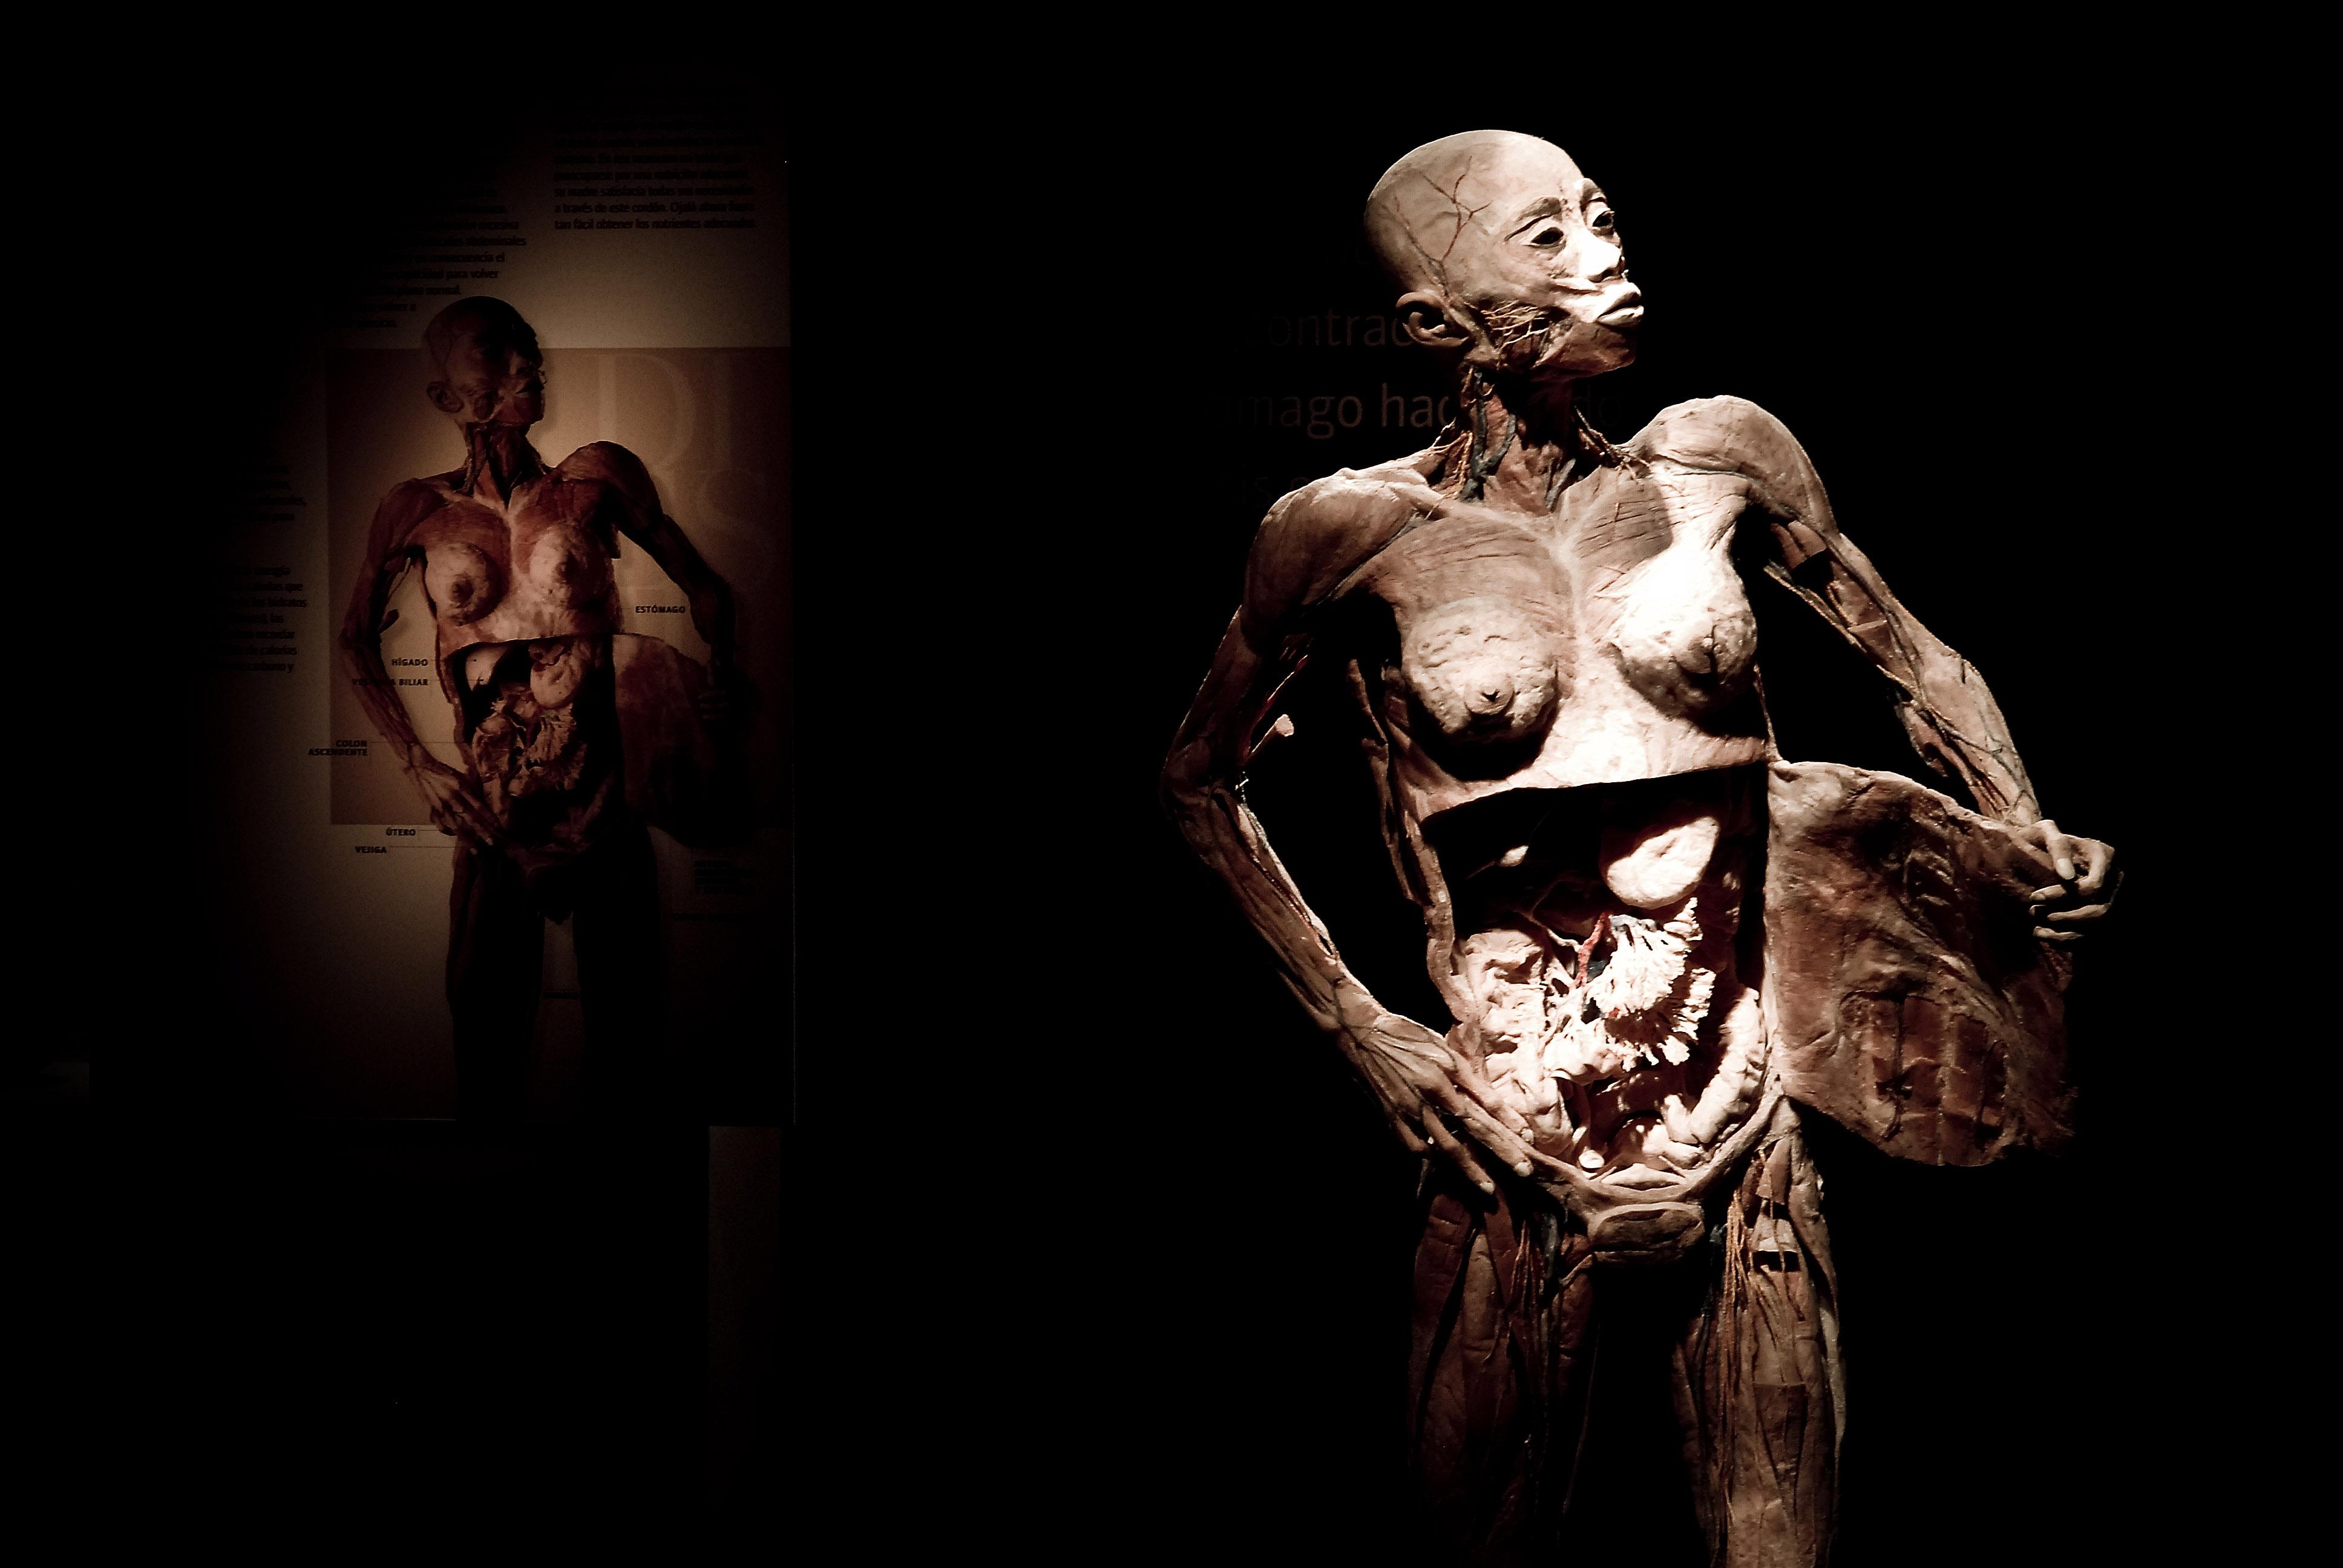 """Exposição """"O Fantástico Corpo Humano"""". Crédito: Divulgação da mostra"""